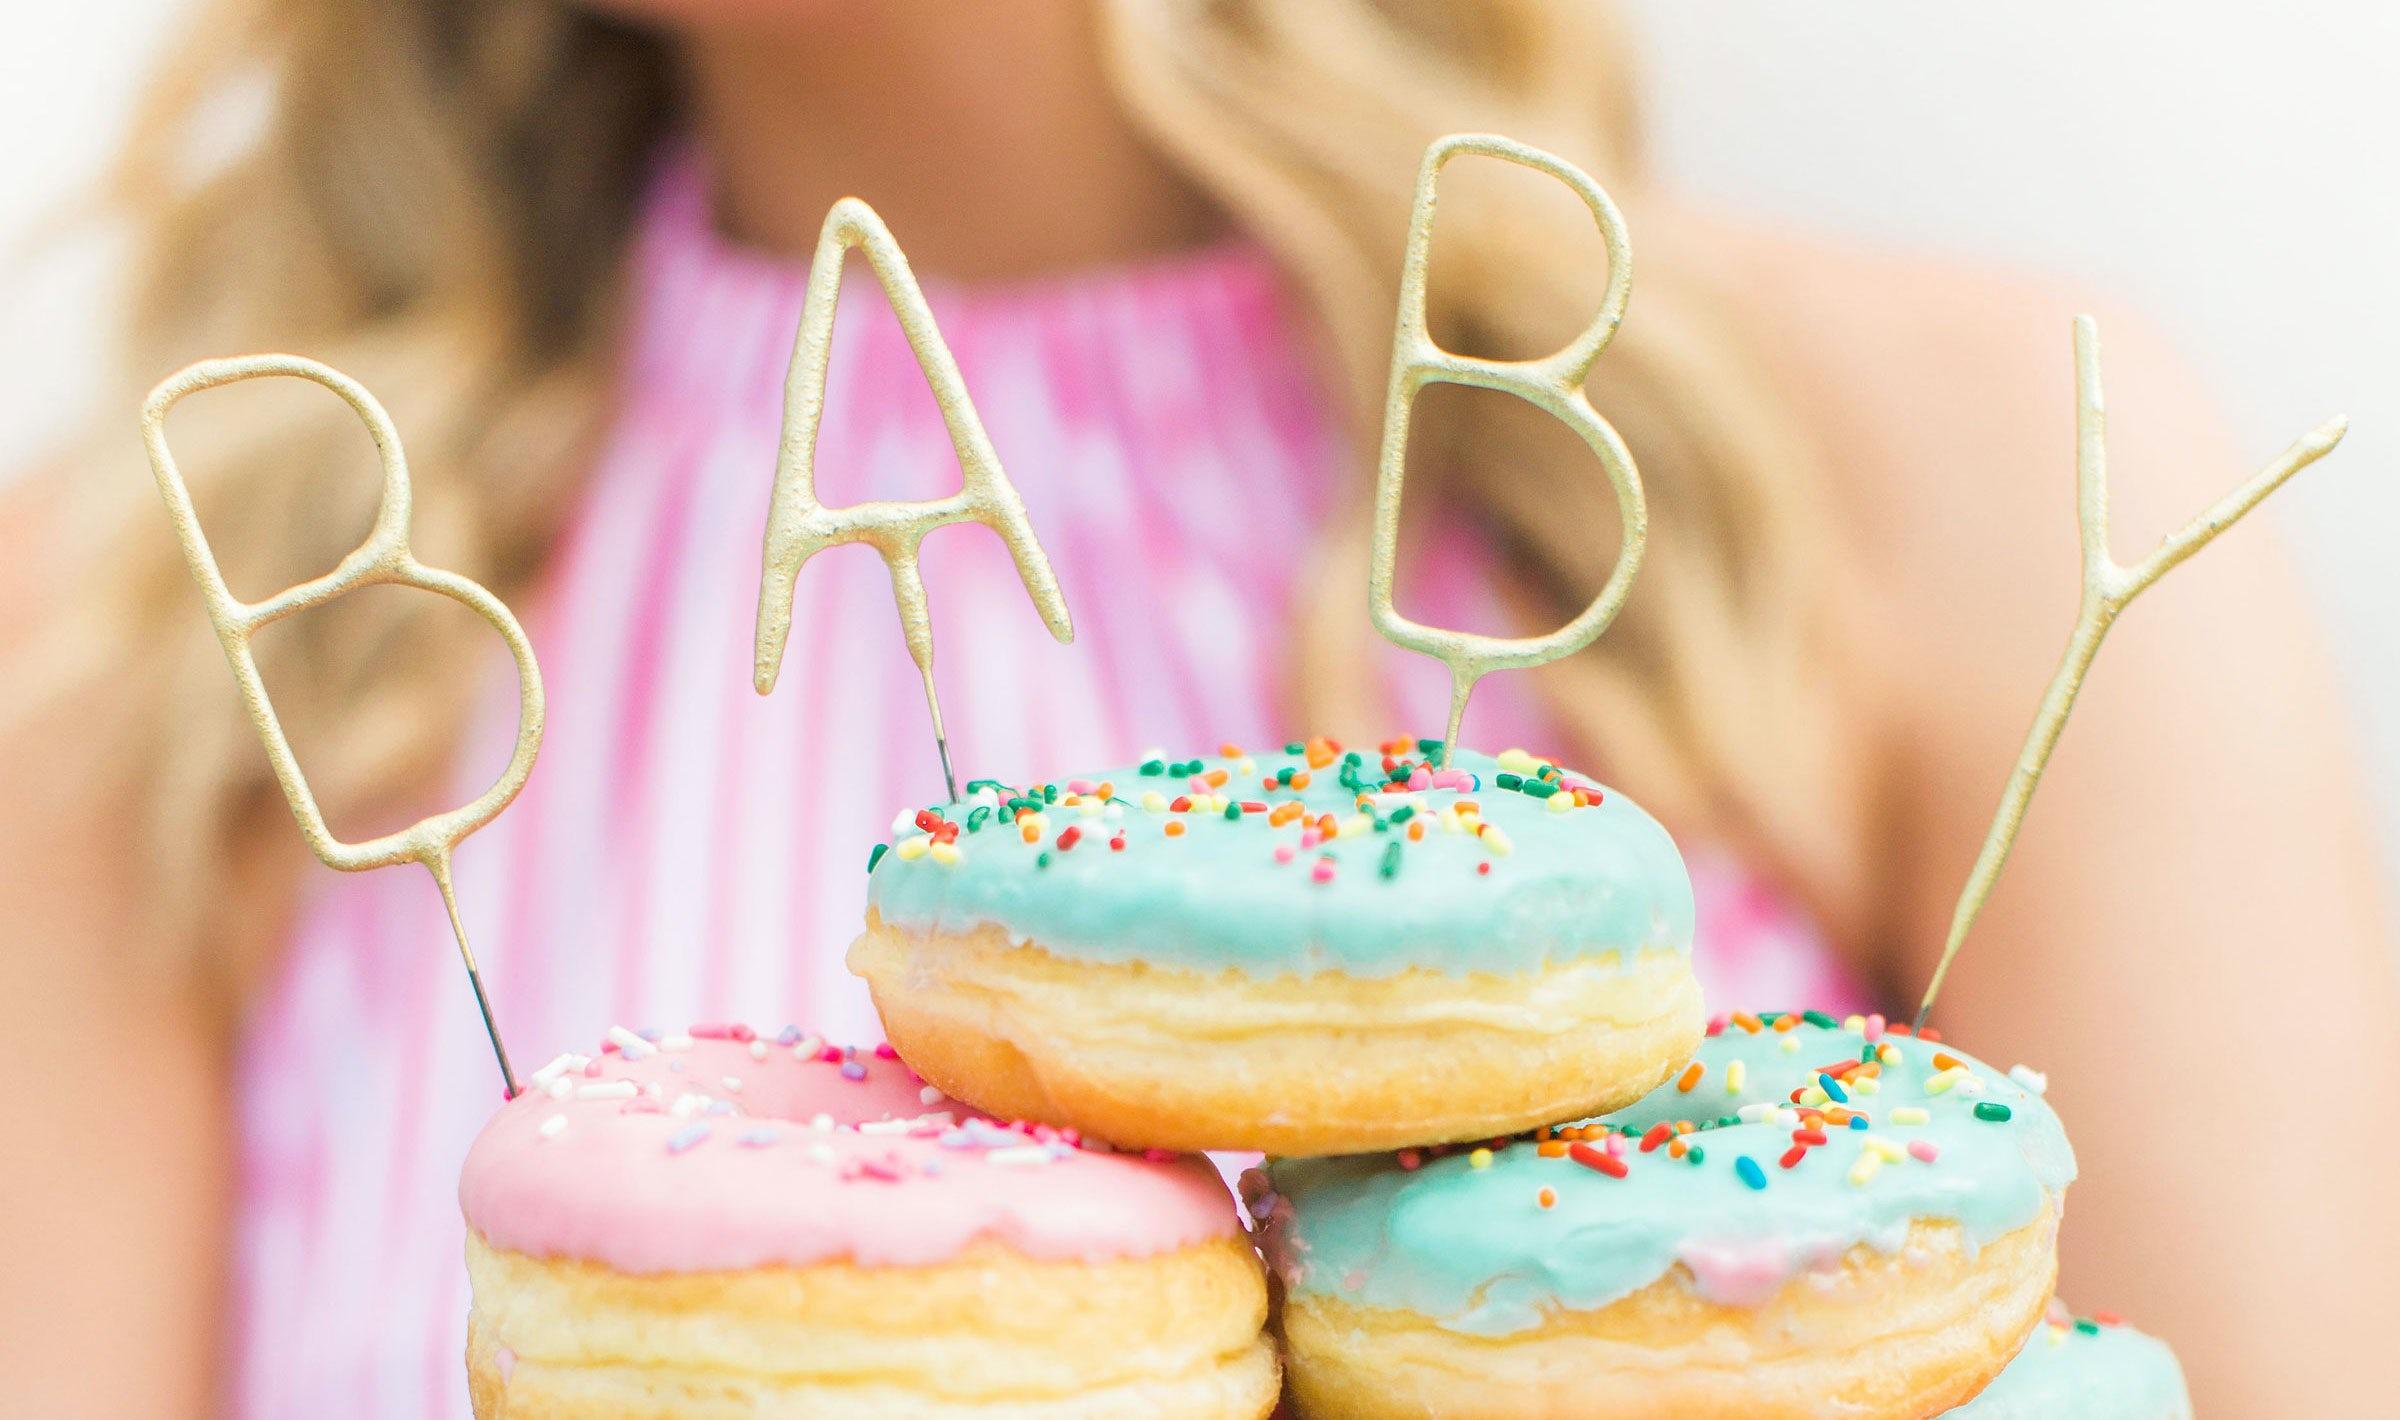 Magazine BABYBJÖRN – Des donuts tout en couleur seront l'atout déco idéal pour la baby shower.